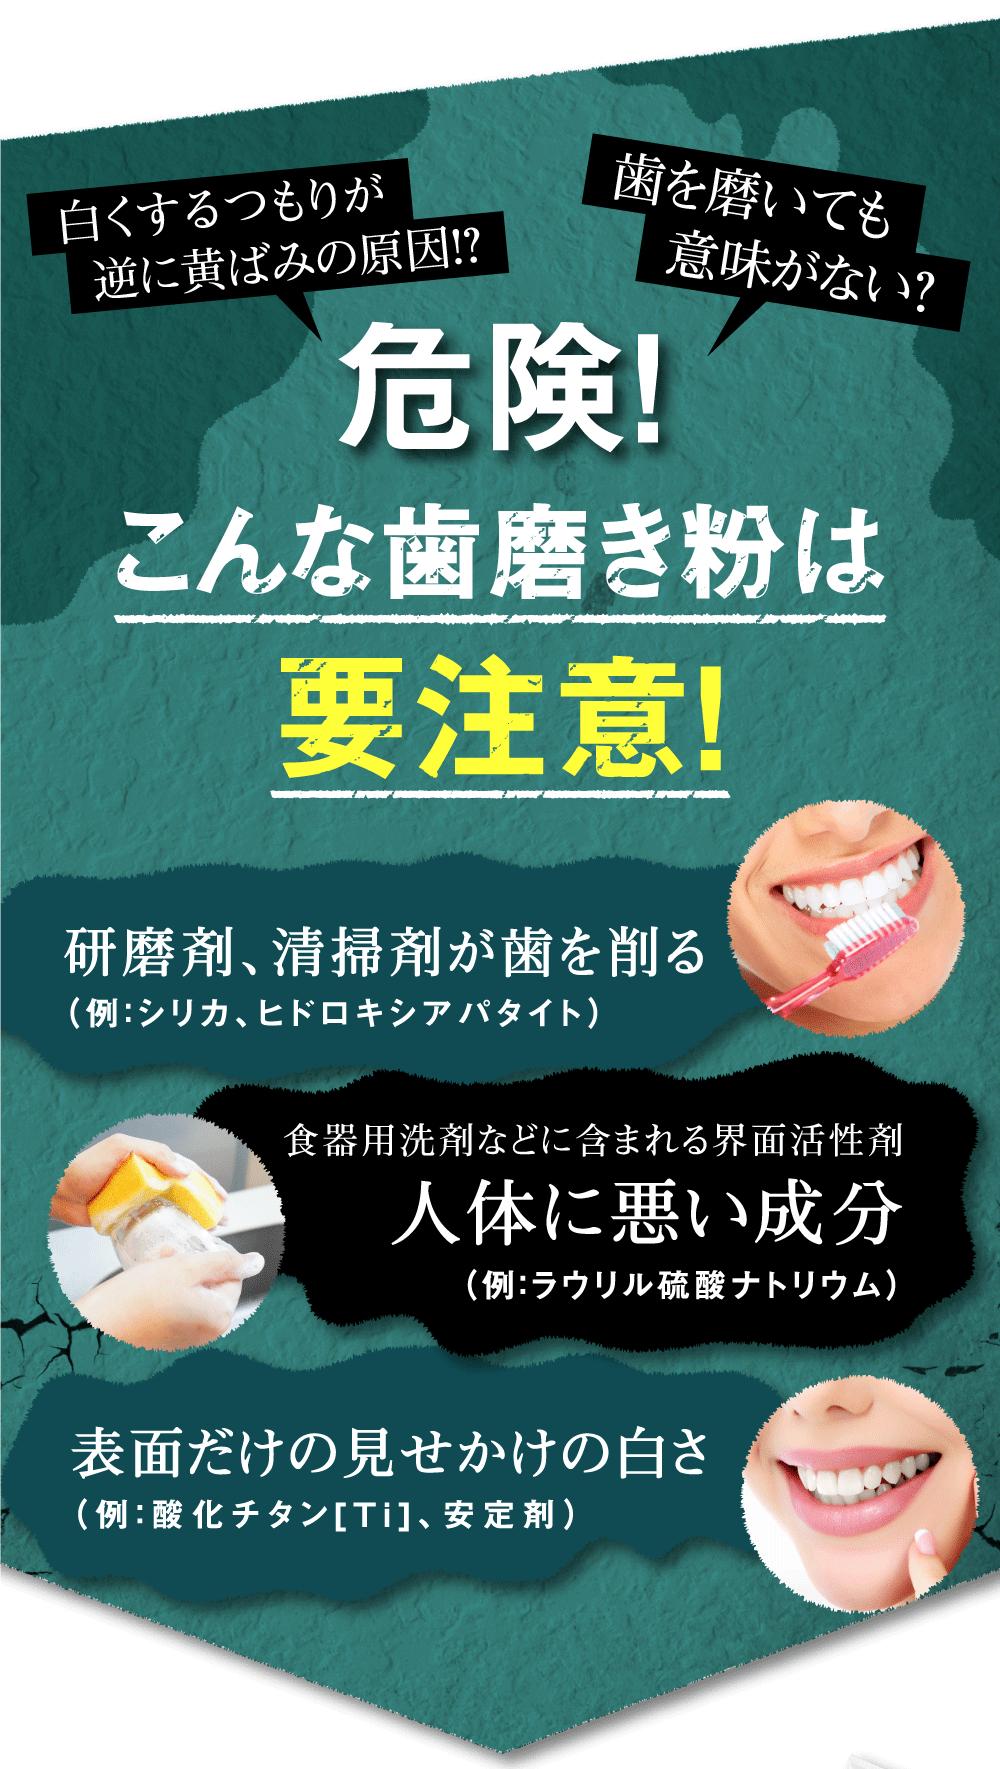 危険!こんな歯磨き粉は要注意!白くするつもりが逆に黄ばみの原因!?歯を磨いても意味がない?